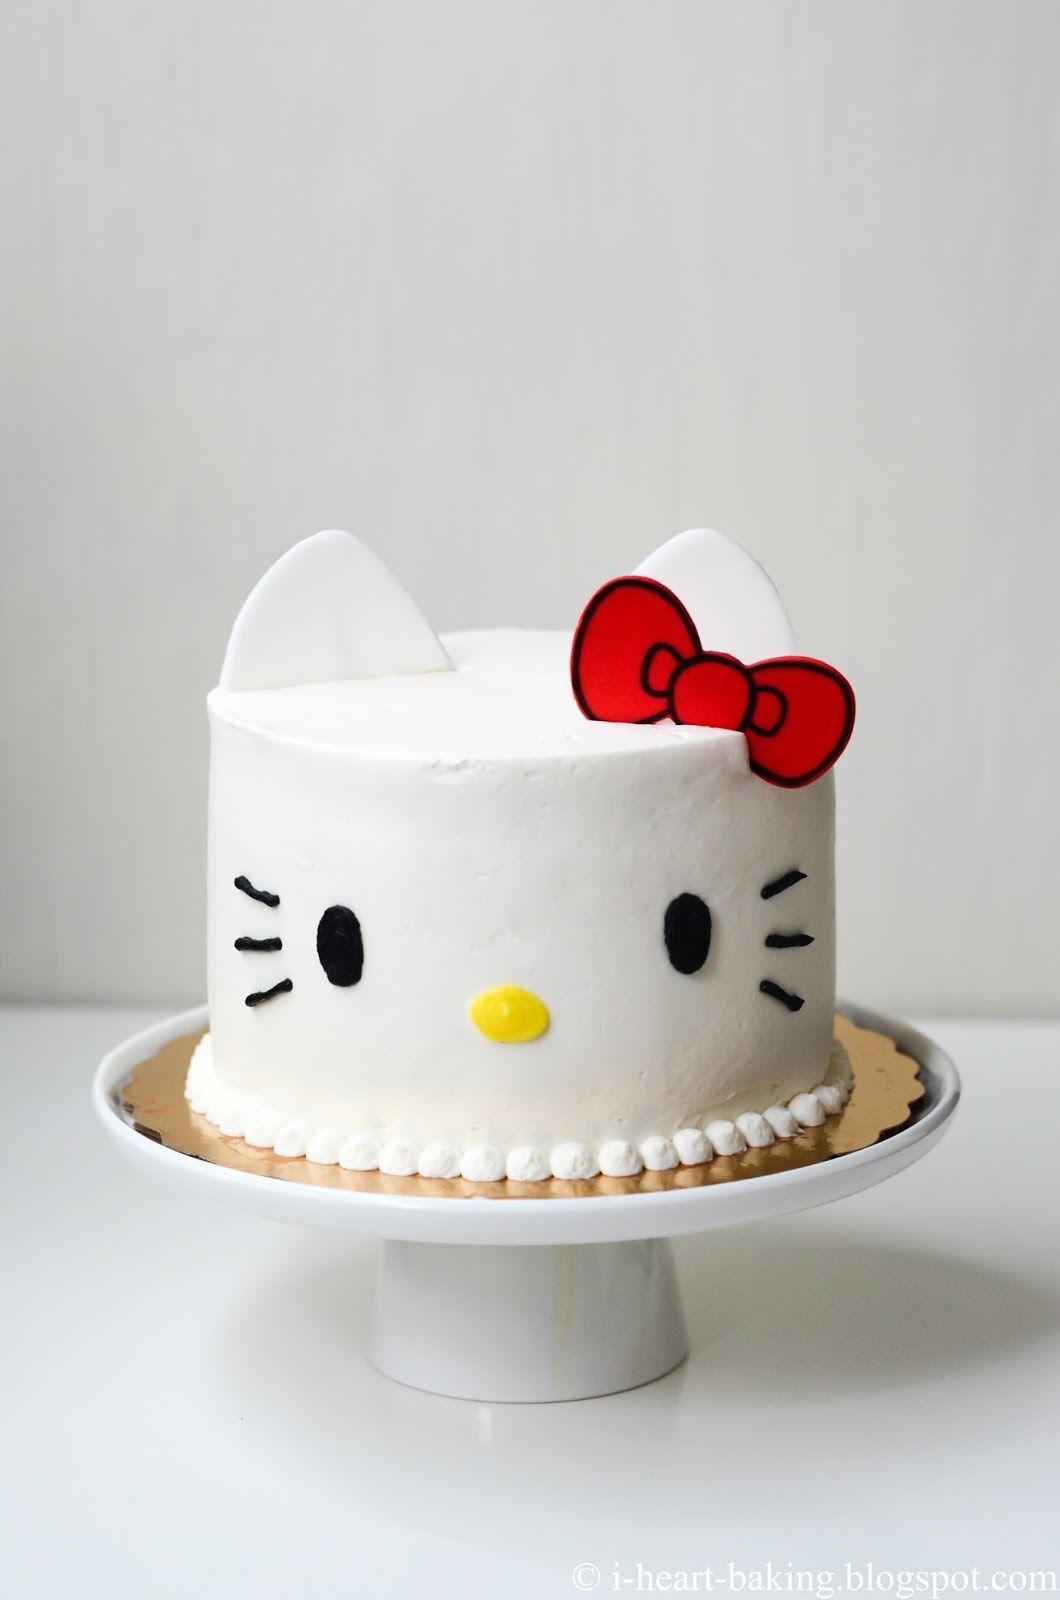 Pet tips  #pastel  #kitty pastel de kitty, lost kitties, wallpaper hello kitty, dormitorio de hello kitty, cumpleaños kitty, fiestas de hello kitty, tattoo hello kitty, kitty aesthetic, feliz cumpleaños kitty, fiesta de kitty, feliz cumpleaños hello kitty, nails hello kitty, kitty amigurumis patron, cupcakes hello kitty, imágenes de hello kitty, aesthetic hello kitty, tatuajes de hello kitty, cosas de hello kitty, torta kitty, cocina de hello kitty, fiesta tematica hello kitty, personajes de hel